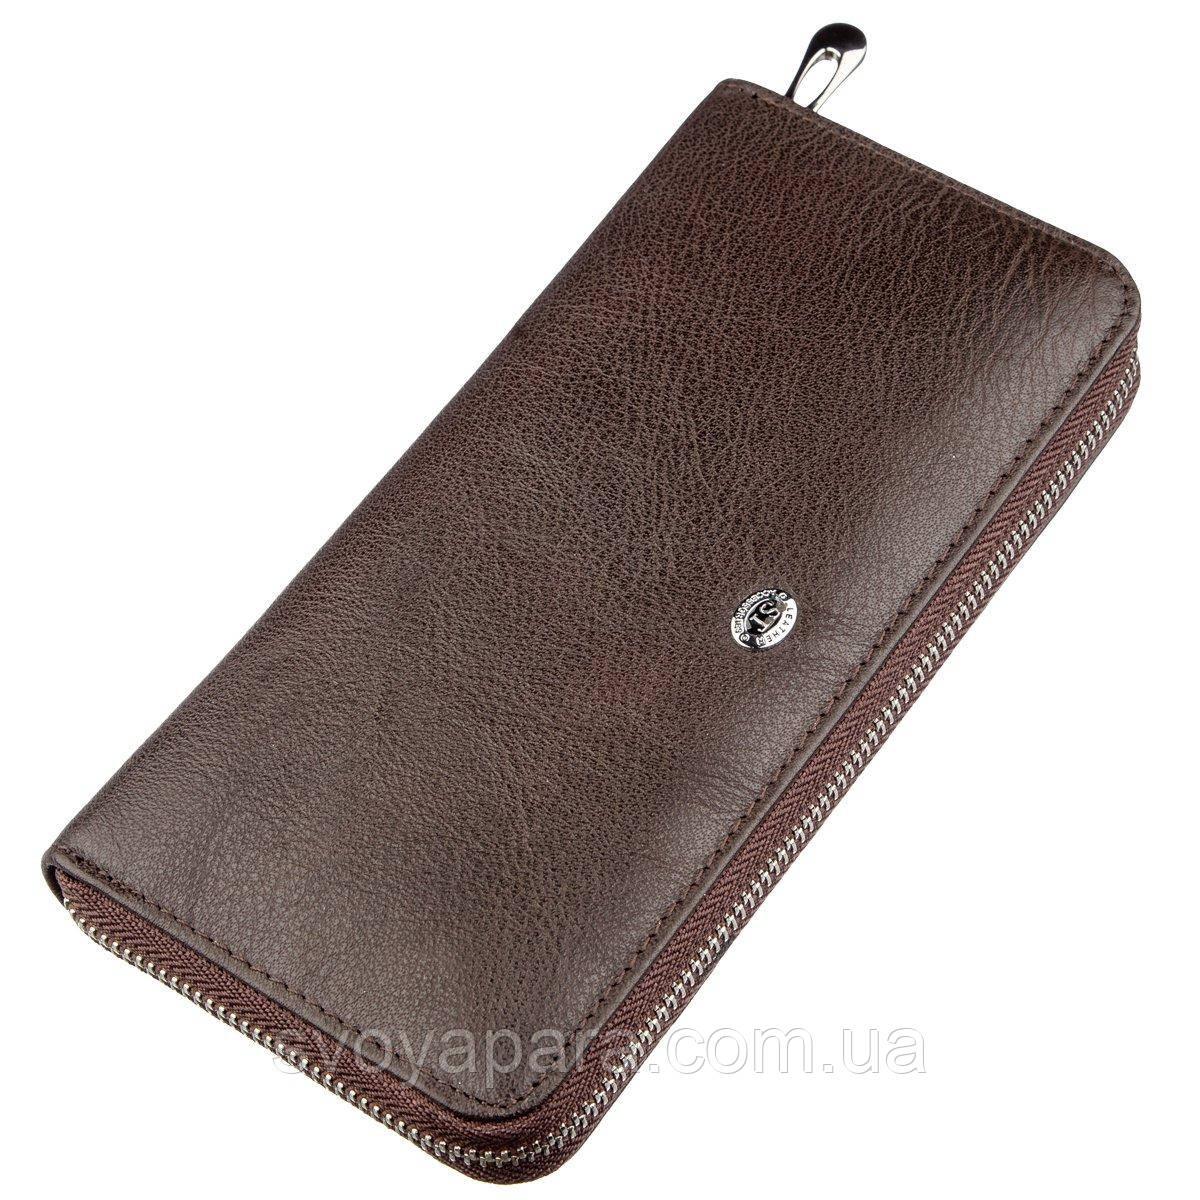 Вертикальний жіночий гаманець ST Leather 18860 Коричневий